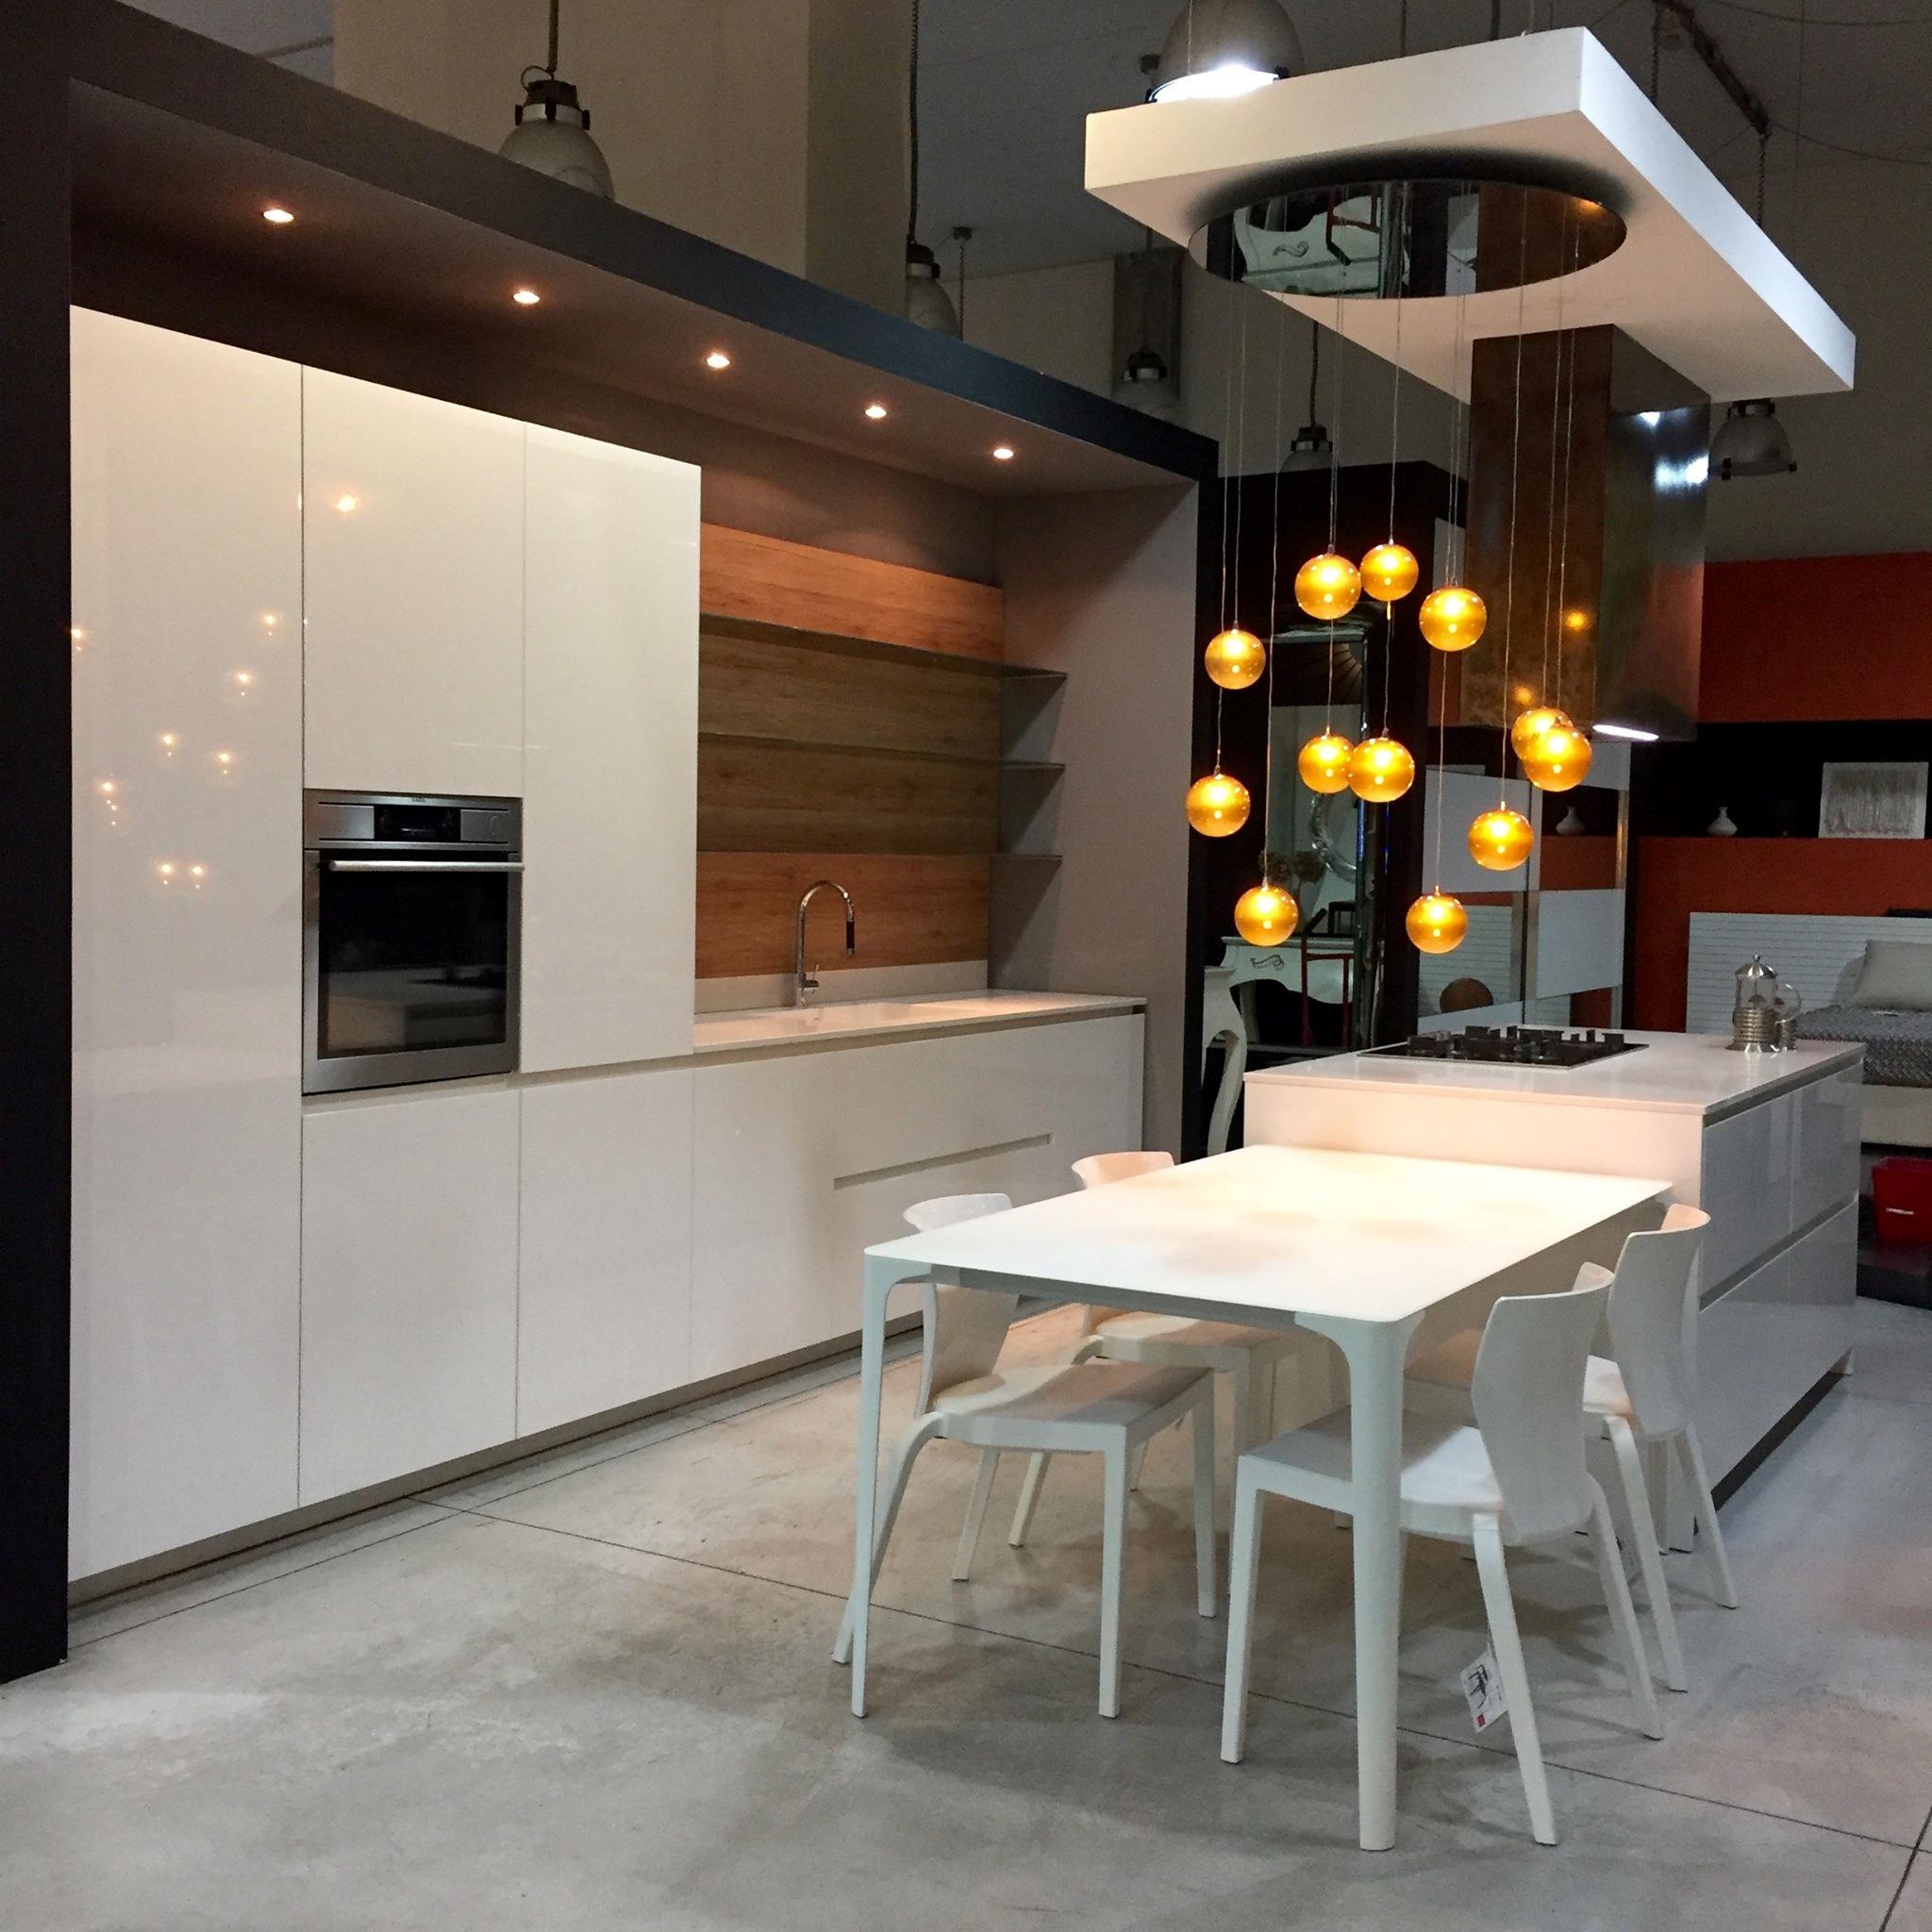 Cucina Elmar modello Easy 30 Design - Cucine a prezzi scontati